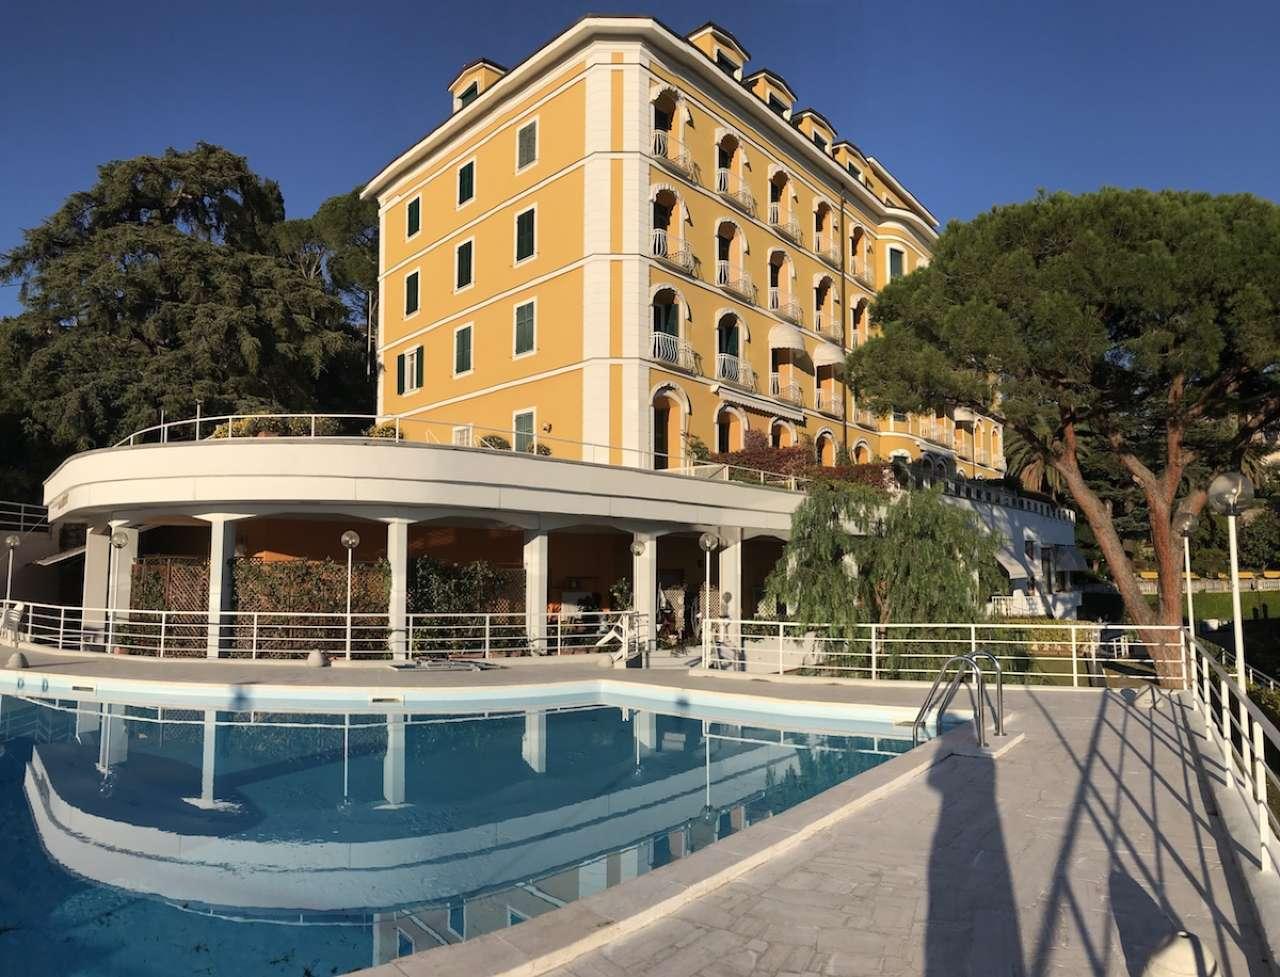 Appartamento in vendita a Santa Margherita Ligure, 5 locali, prezzo € 750.000 | CambioCasa.it